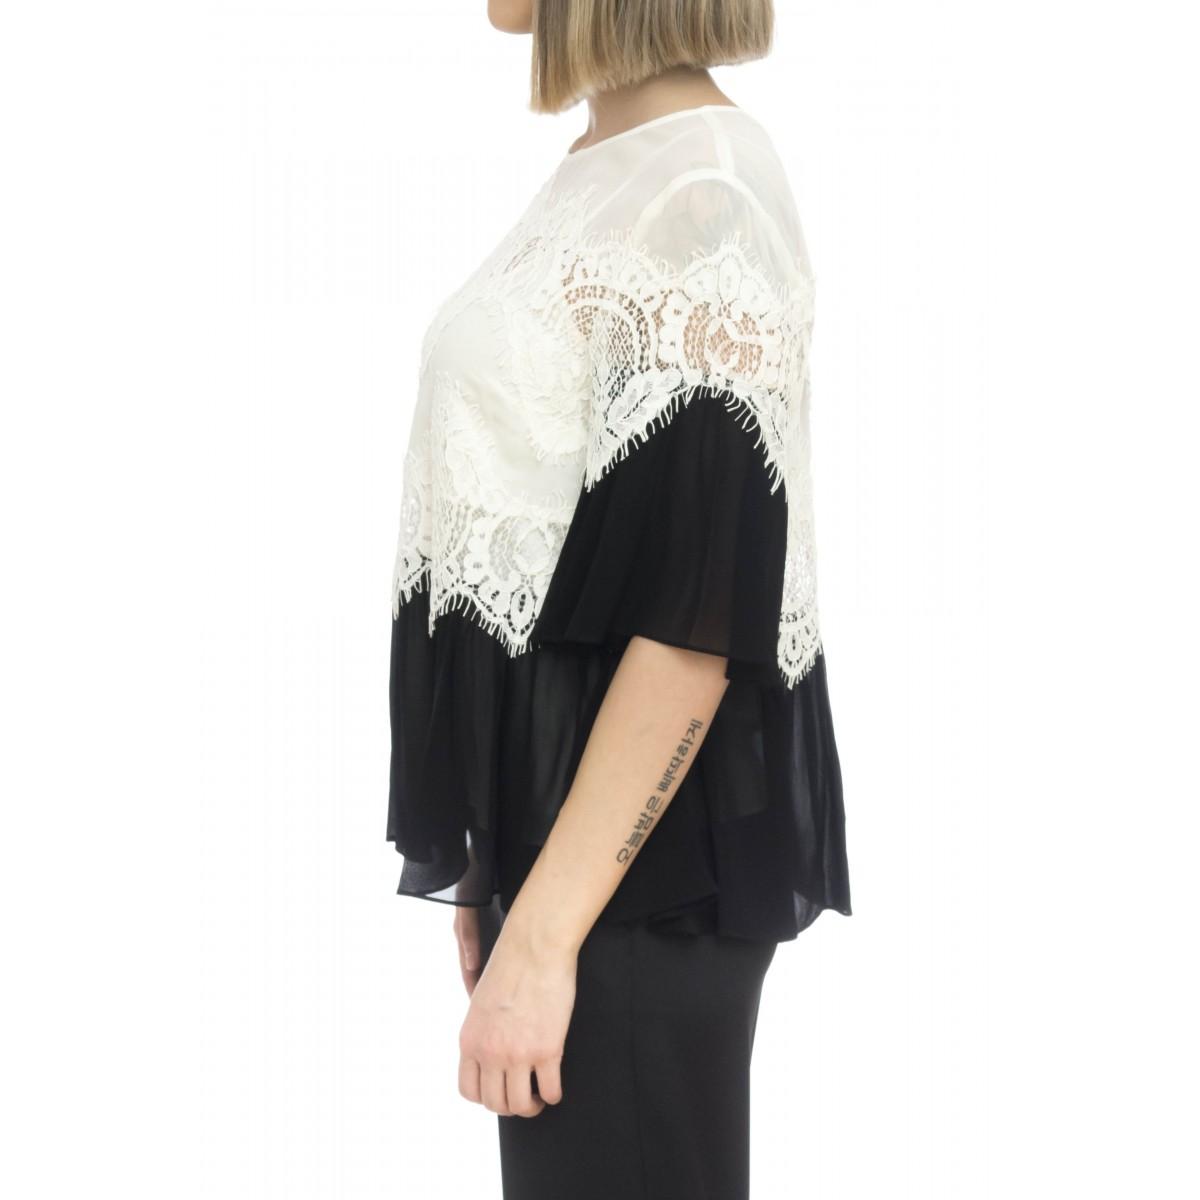 Camicia donna - 2101 camicia pizzo viscosa